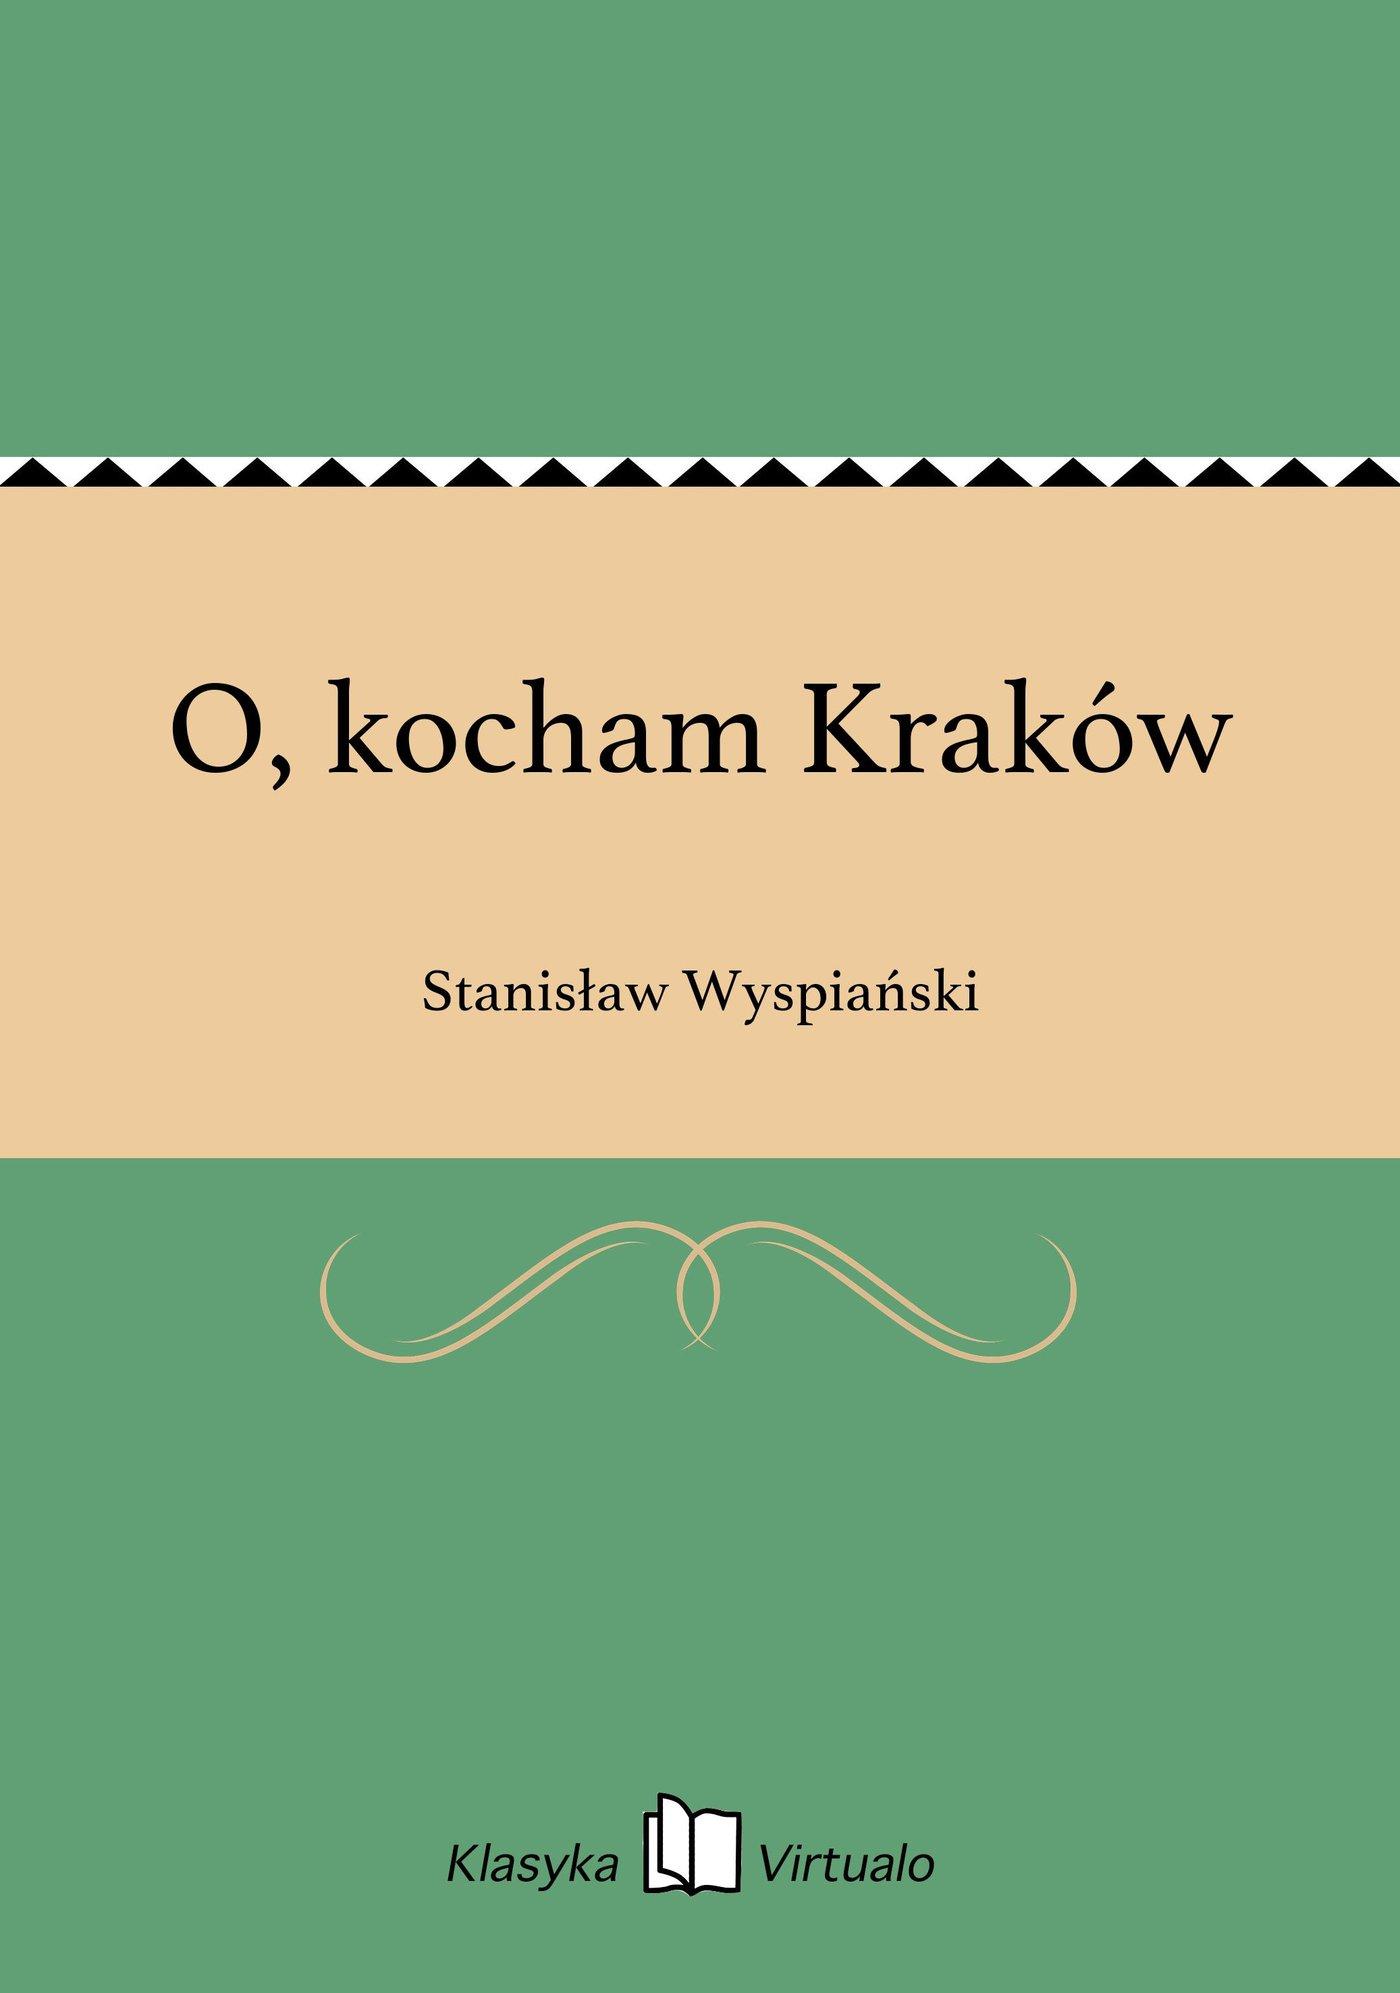 O, kocham Kraków - Ebook (Książka EPUB) do pobrania w formacie EPUB